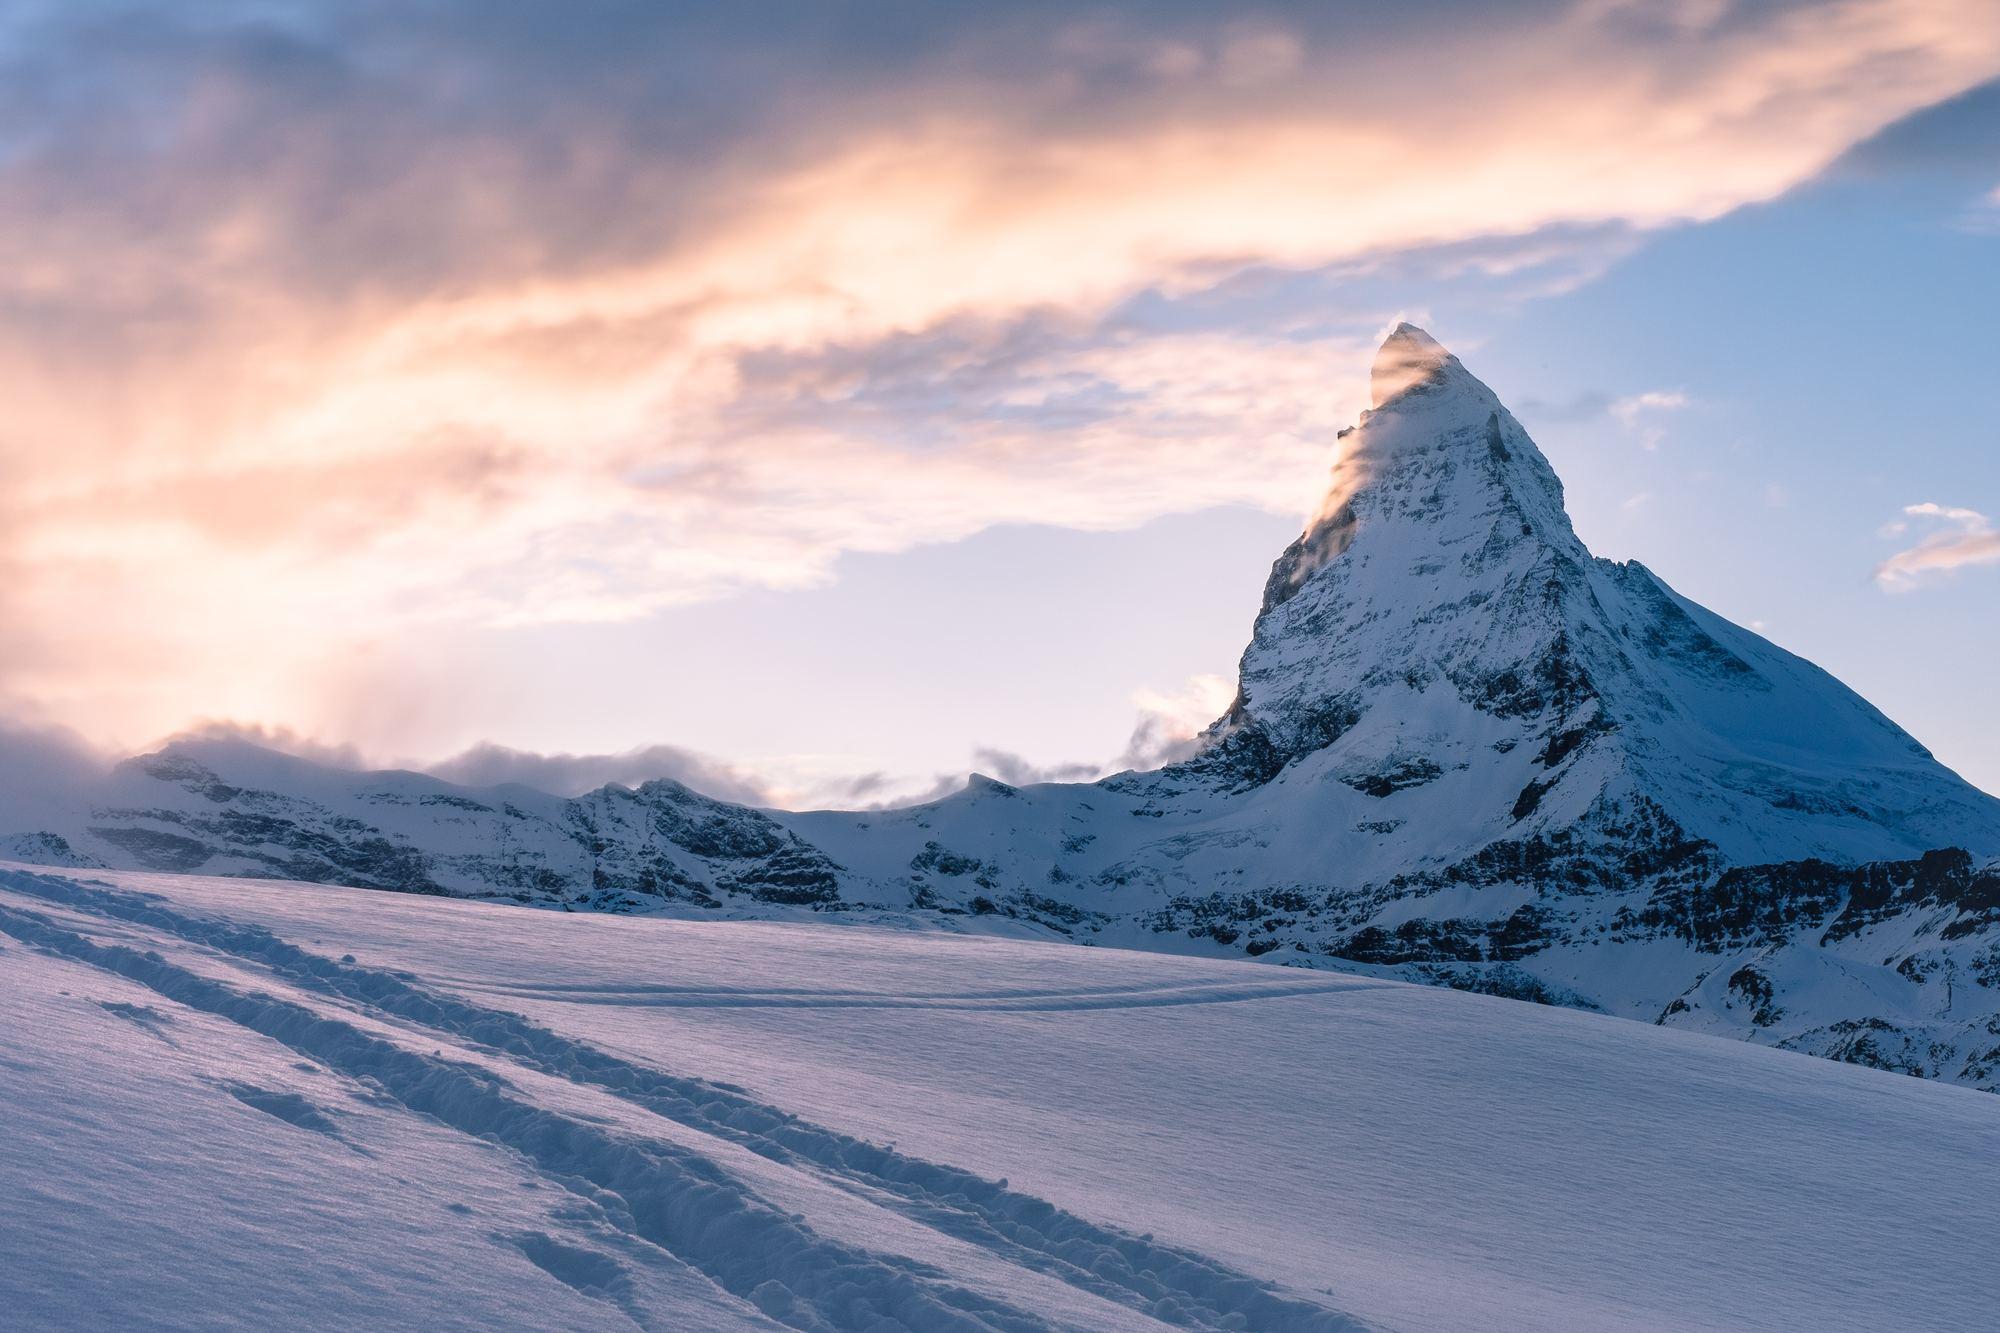 Christmas in Zermatt